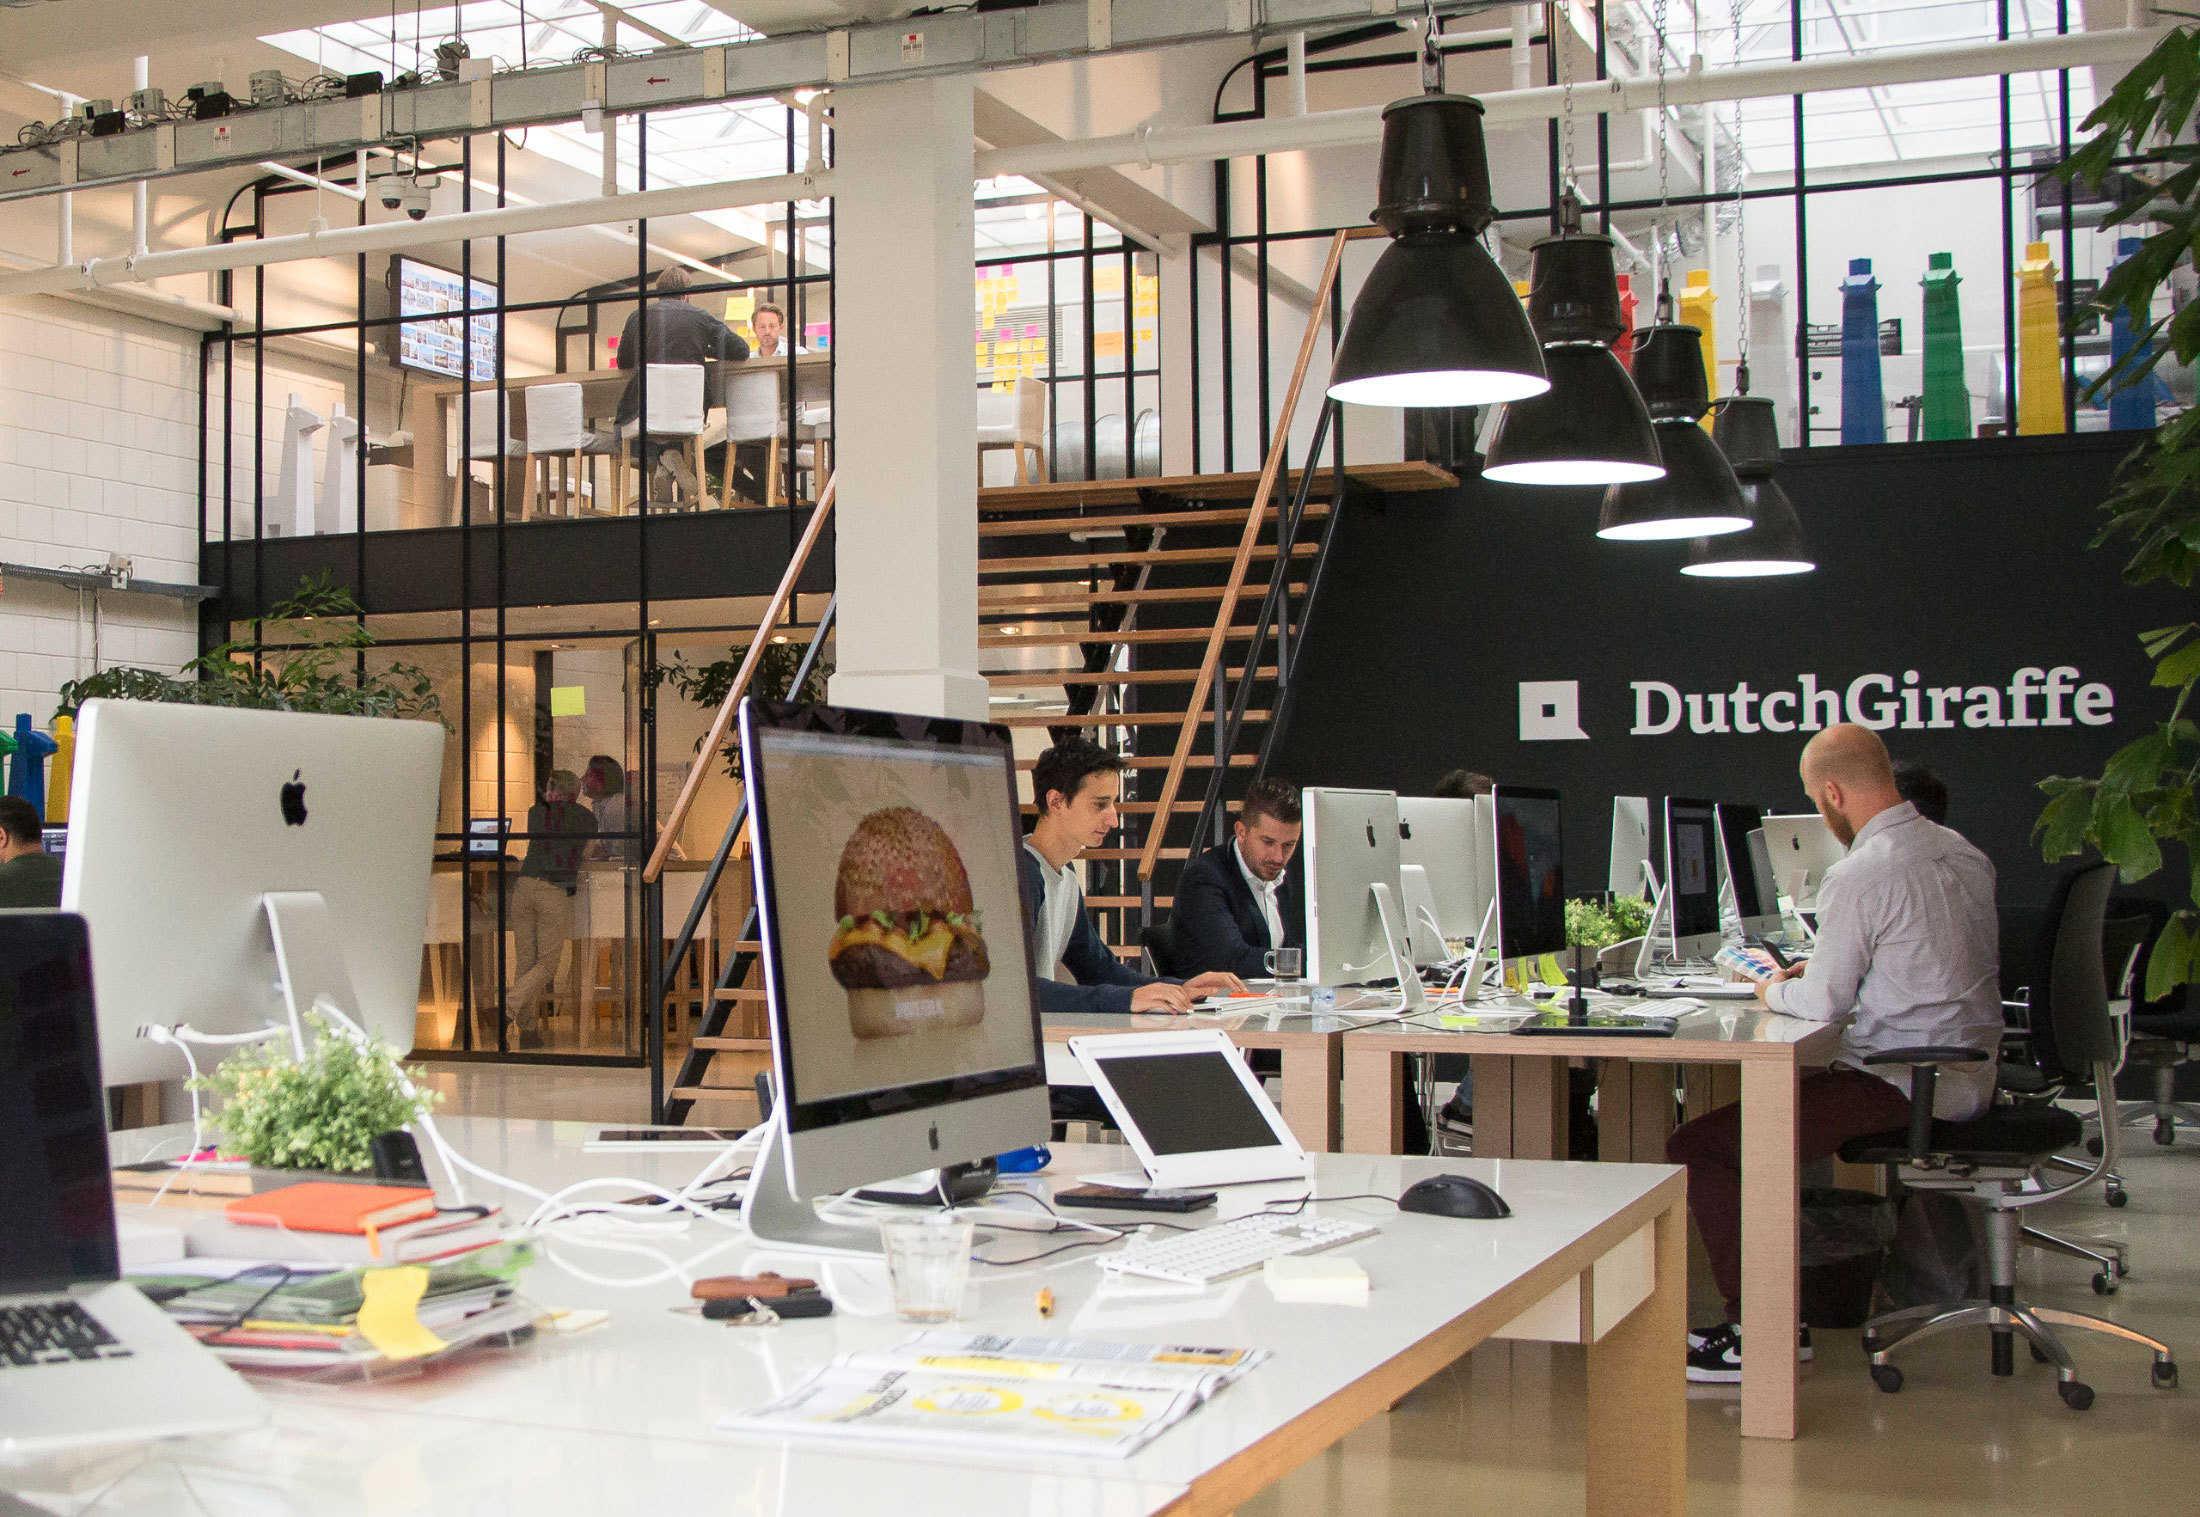 Studio van DutchGiraffe